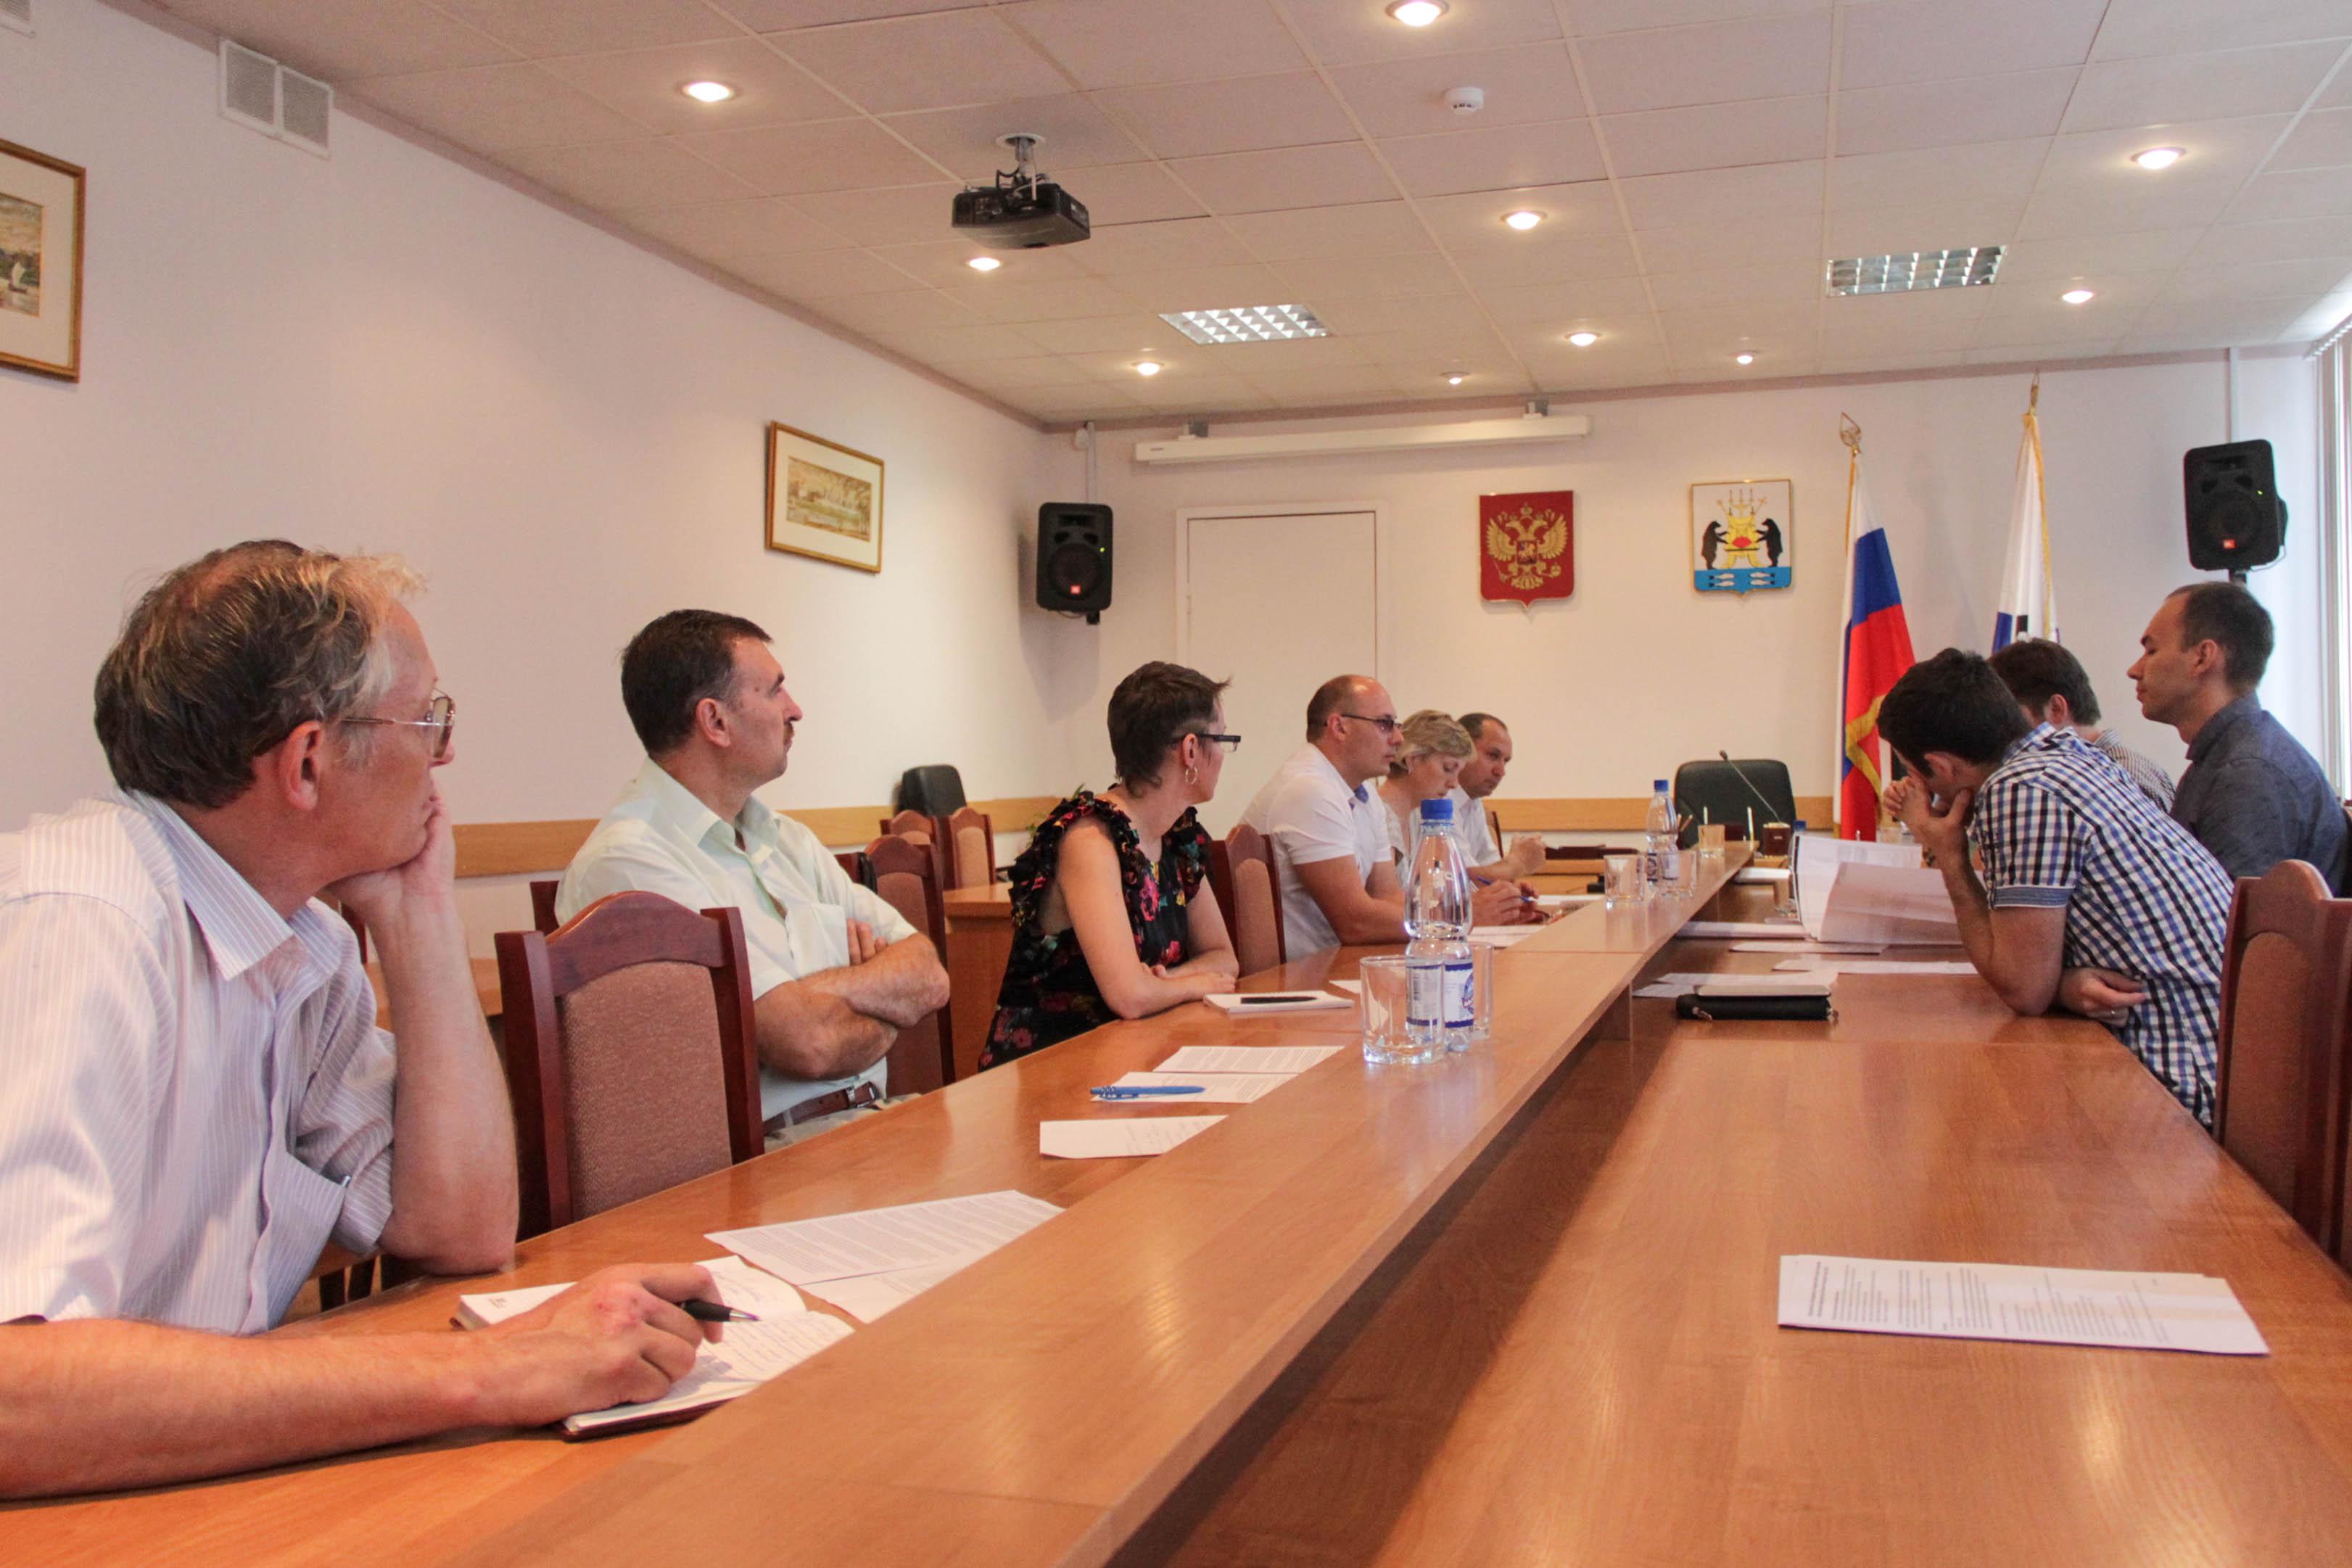 Новгородская мэрия и активисты договорились о создании первых велосипедных маршрутов